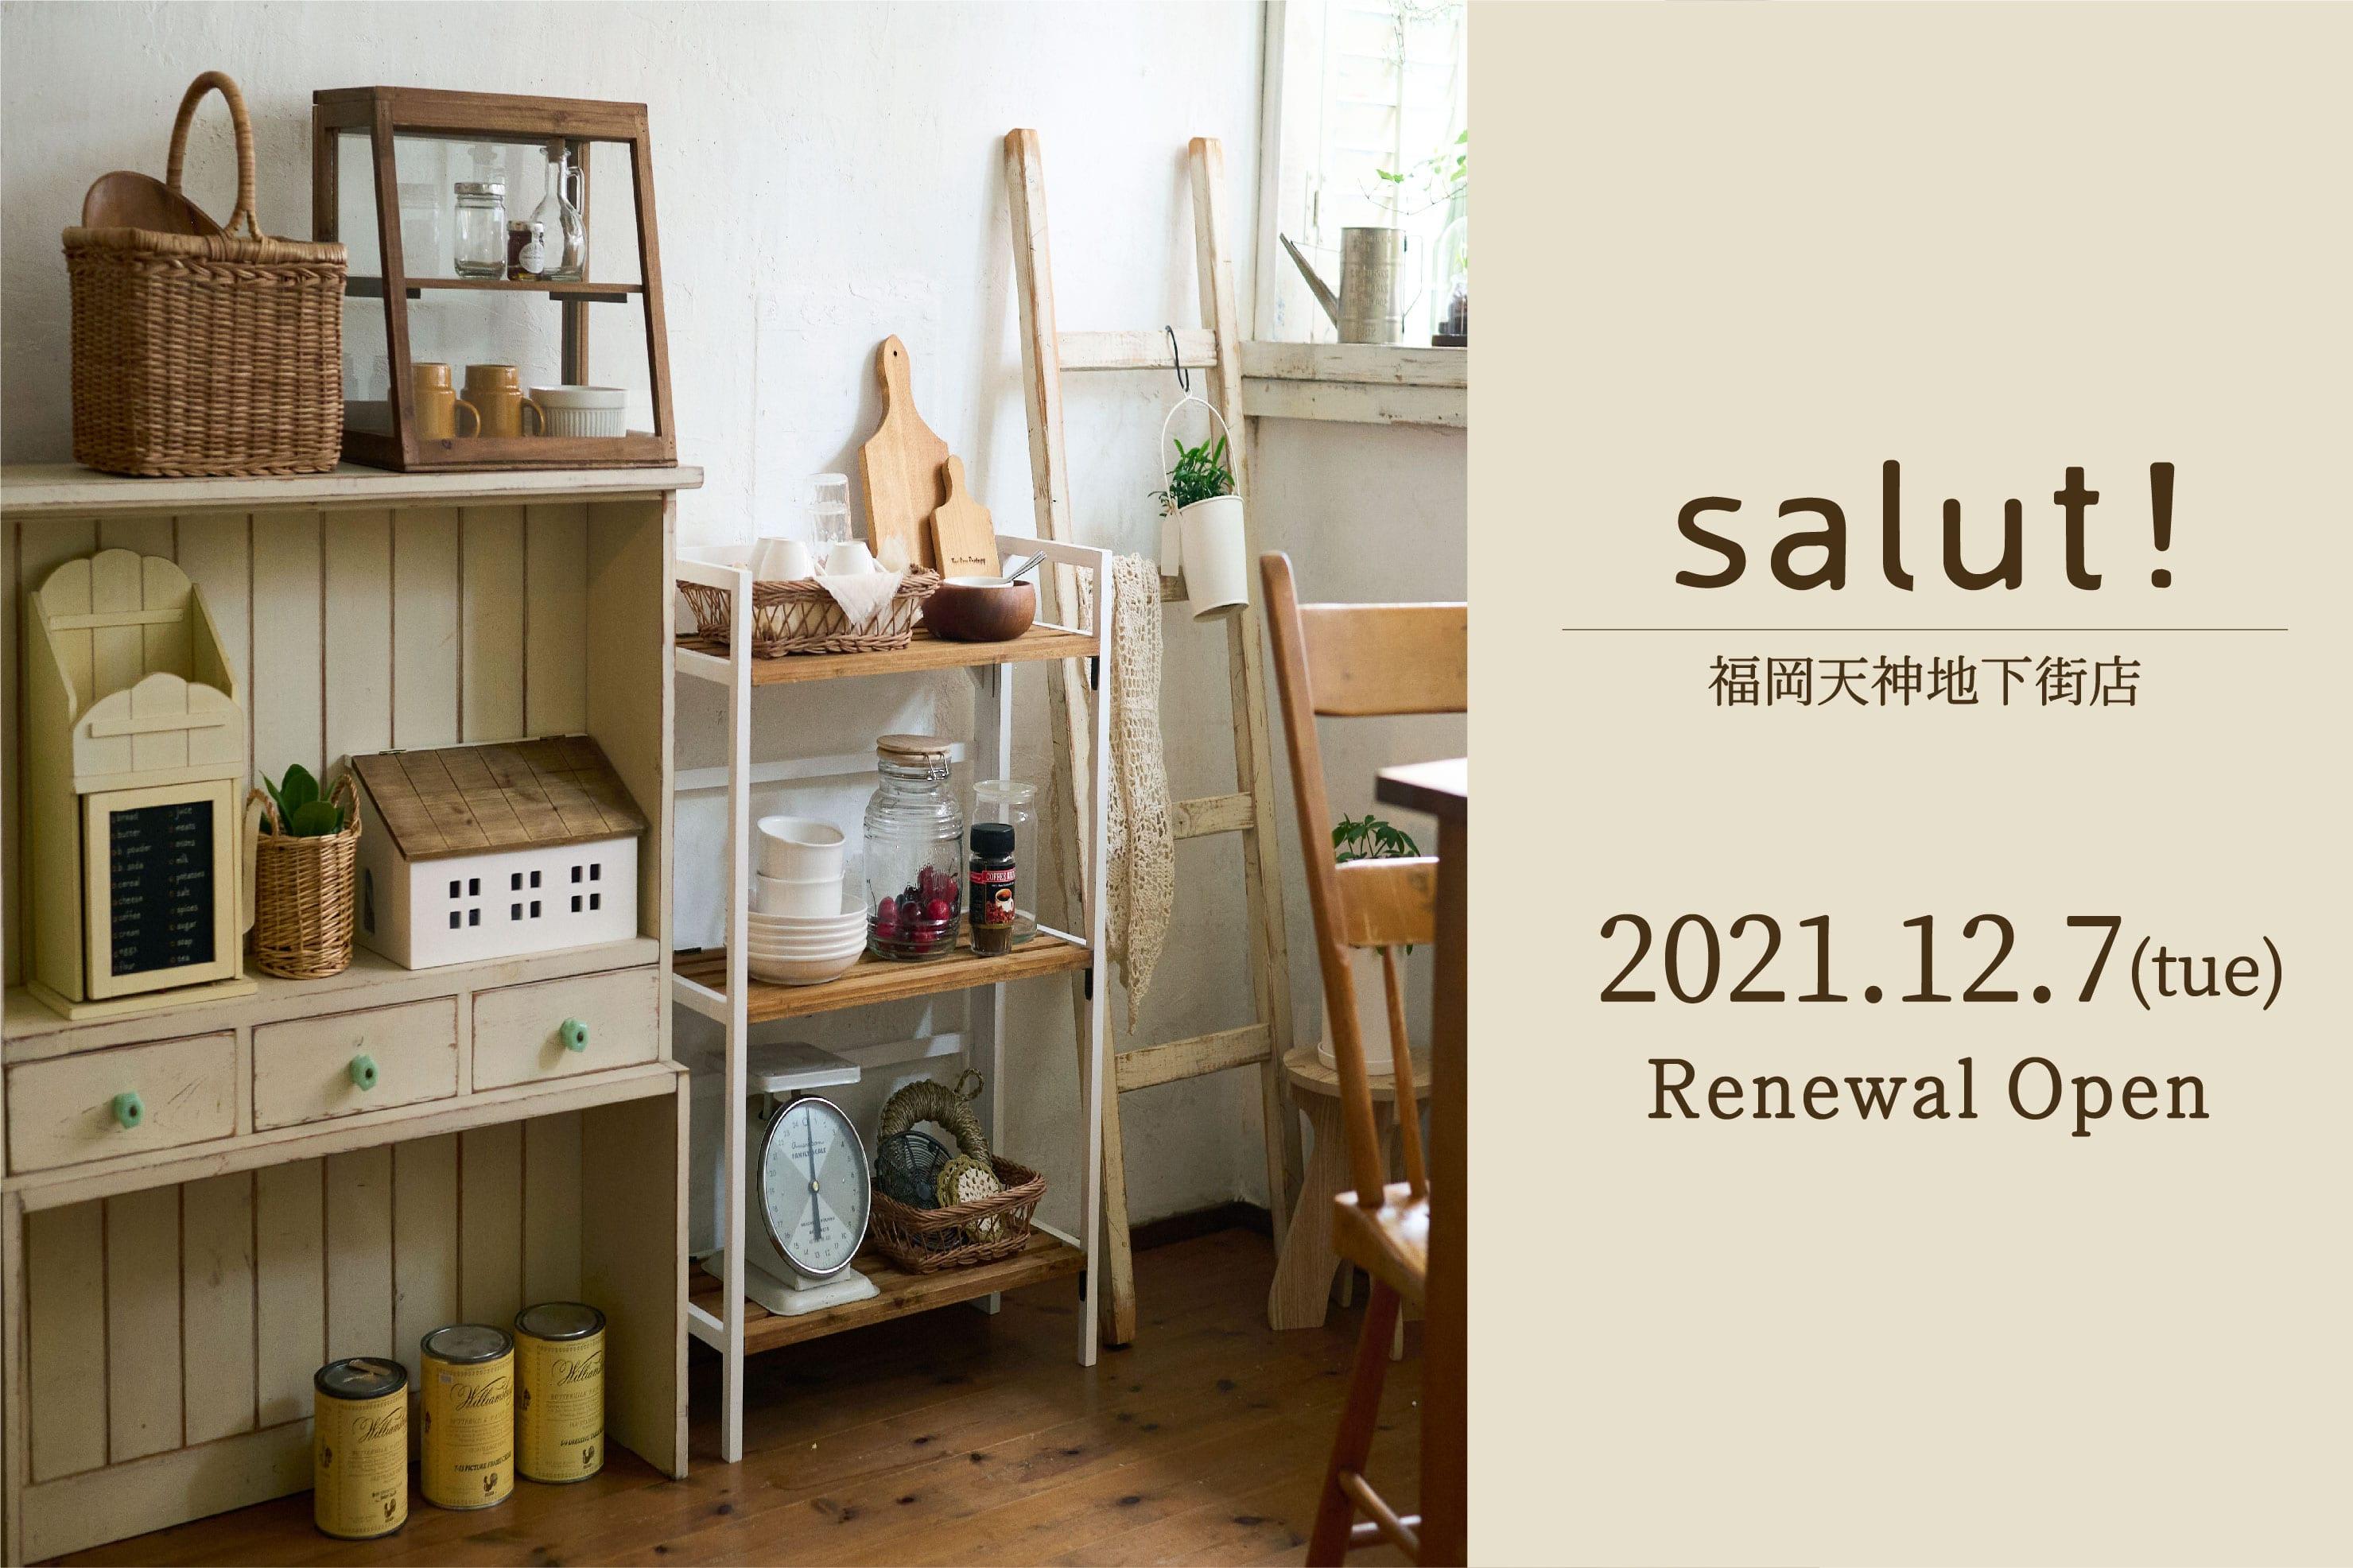 salut! 【増床リニューアルオープンのお知らせ】salut!福岡天神地下街店